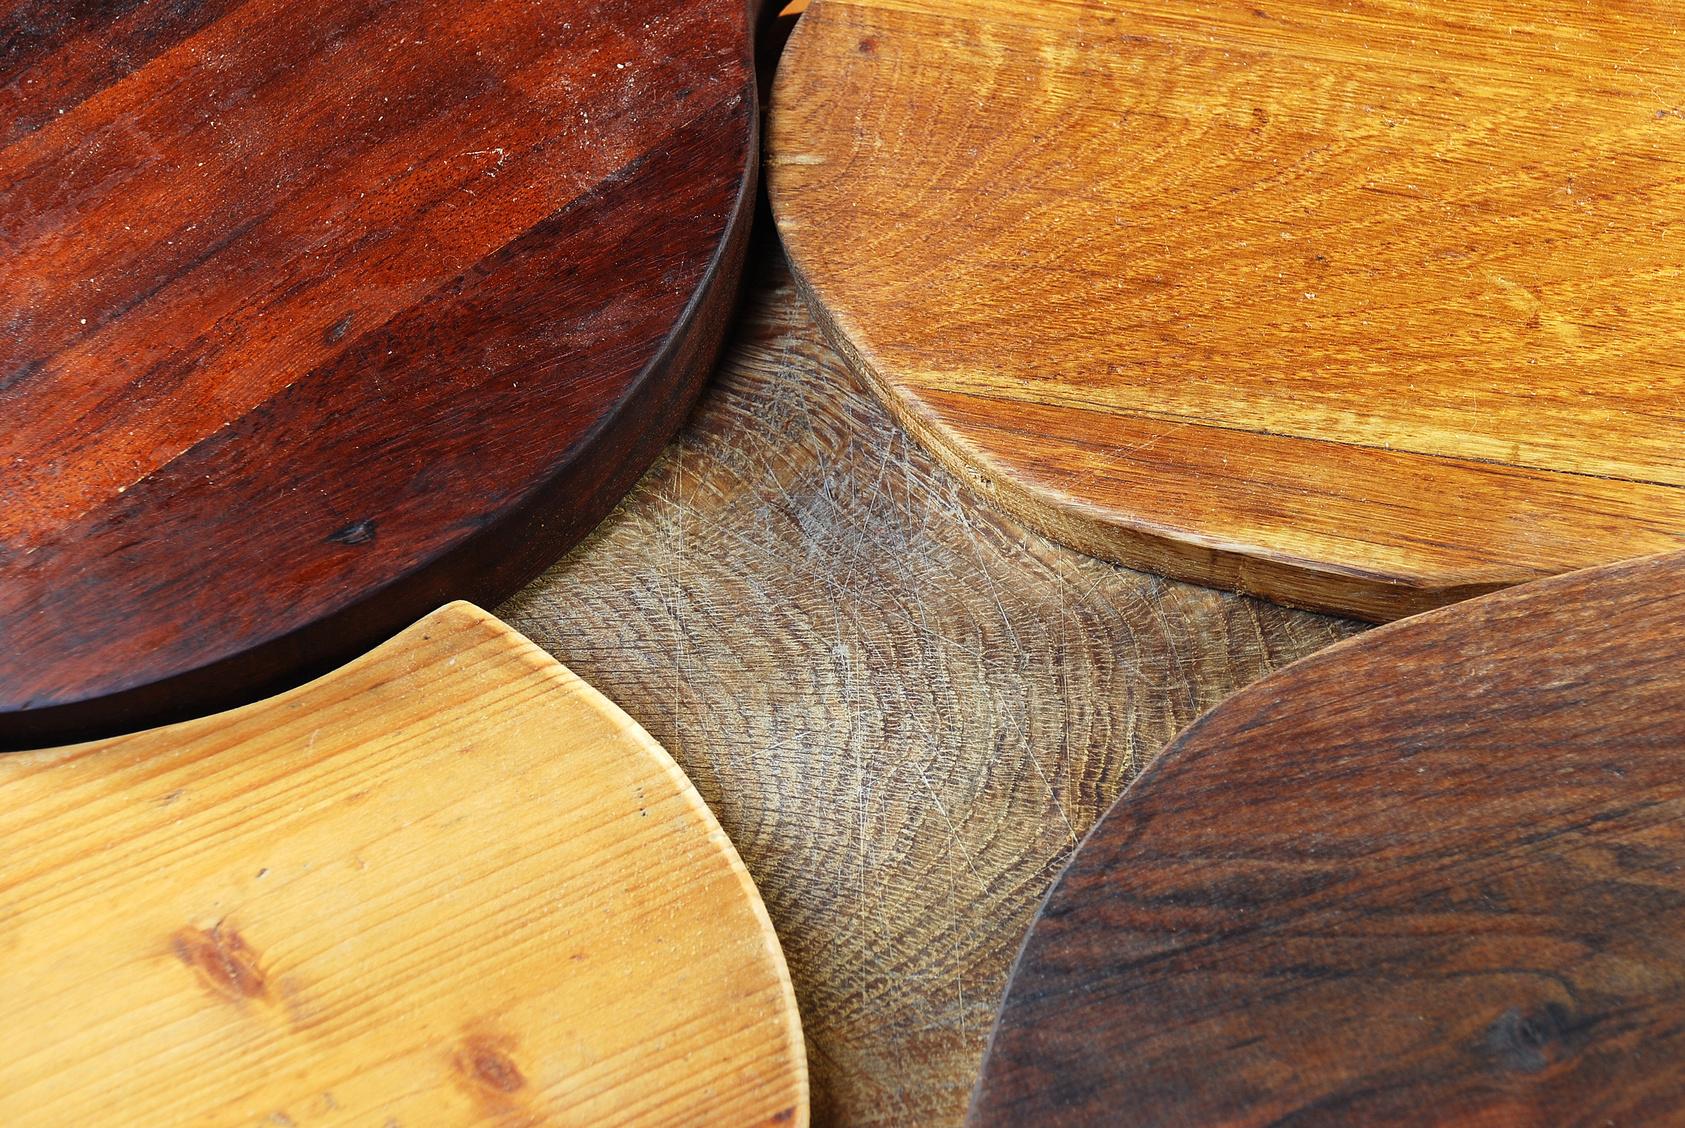 Comment bien choisir votre bois de chauffage for Acacia bois de chauffage